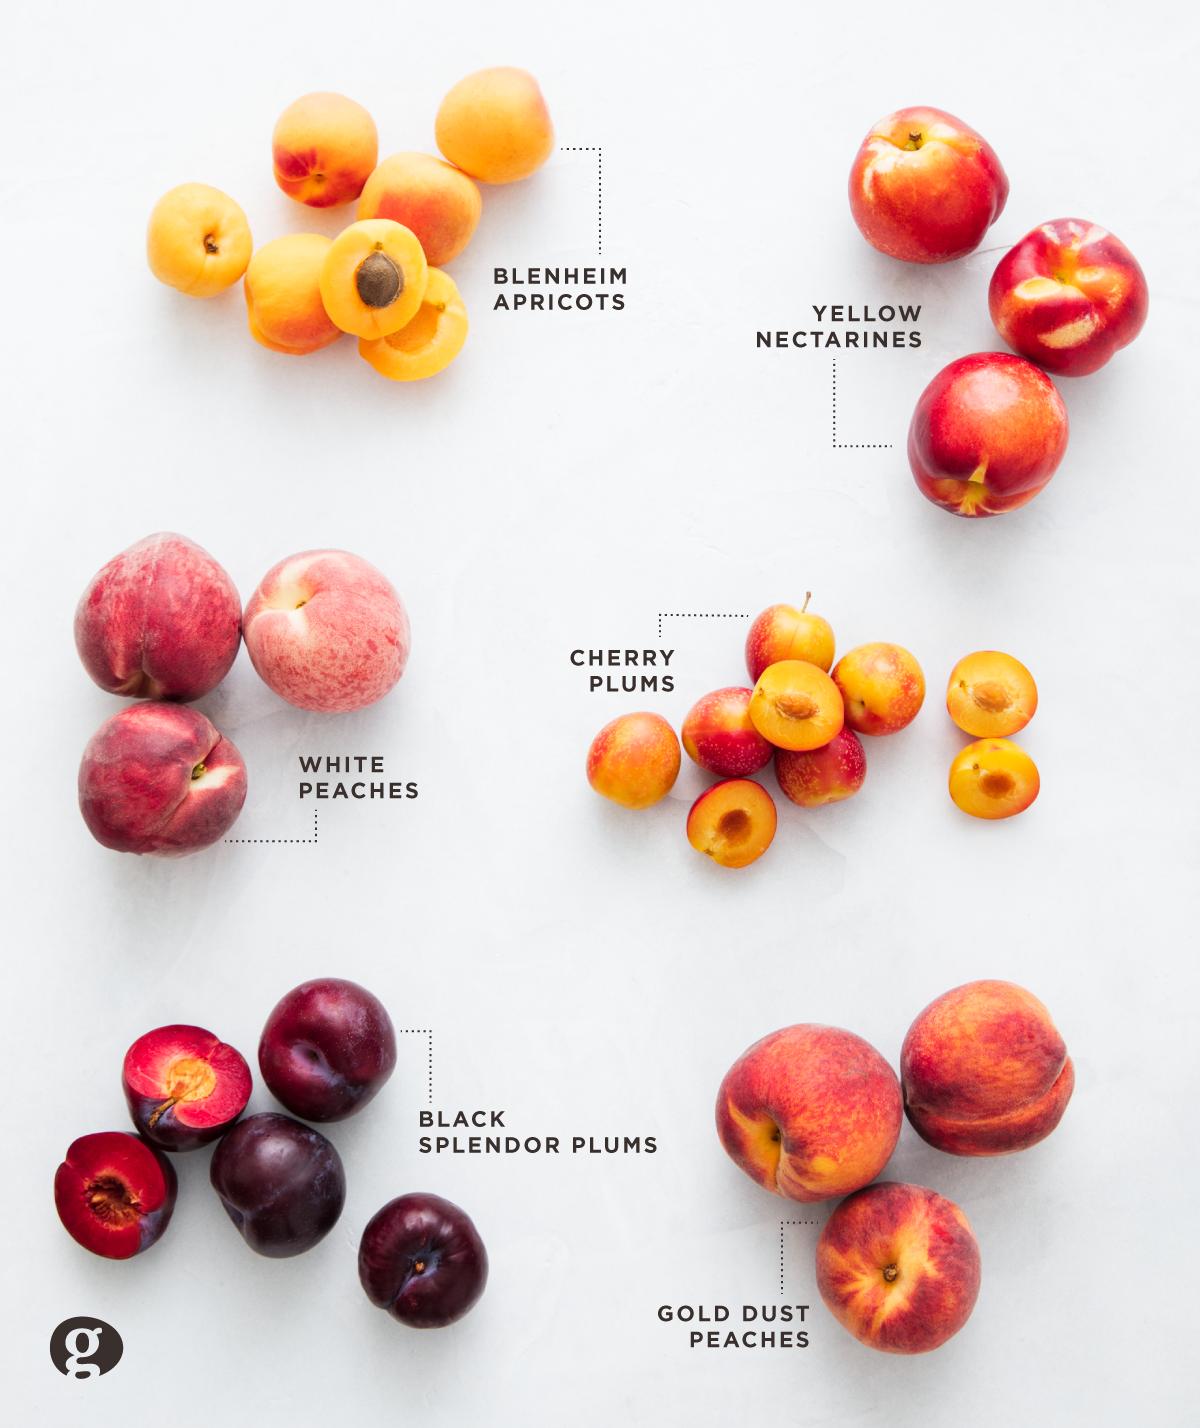 stone-fruit-varieties-good-eggs.png